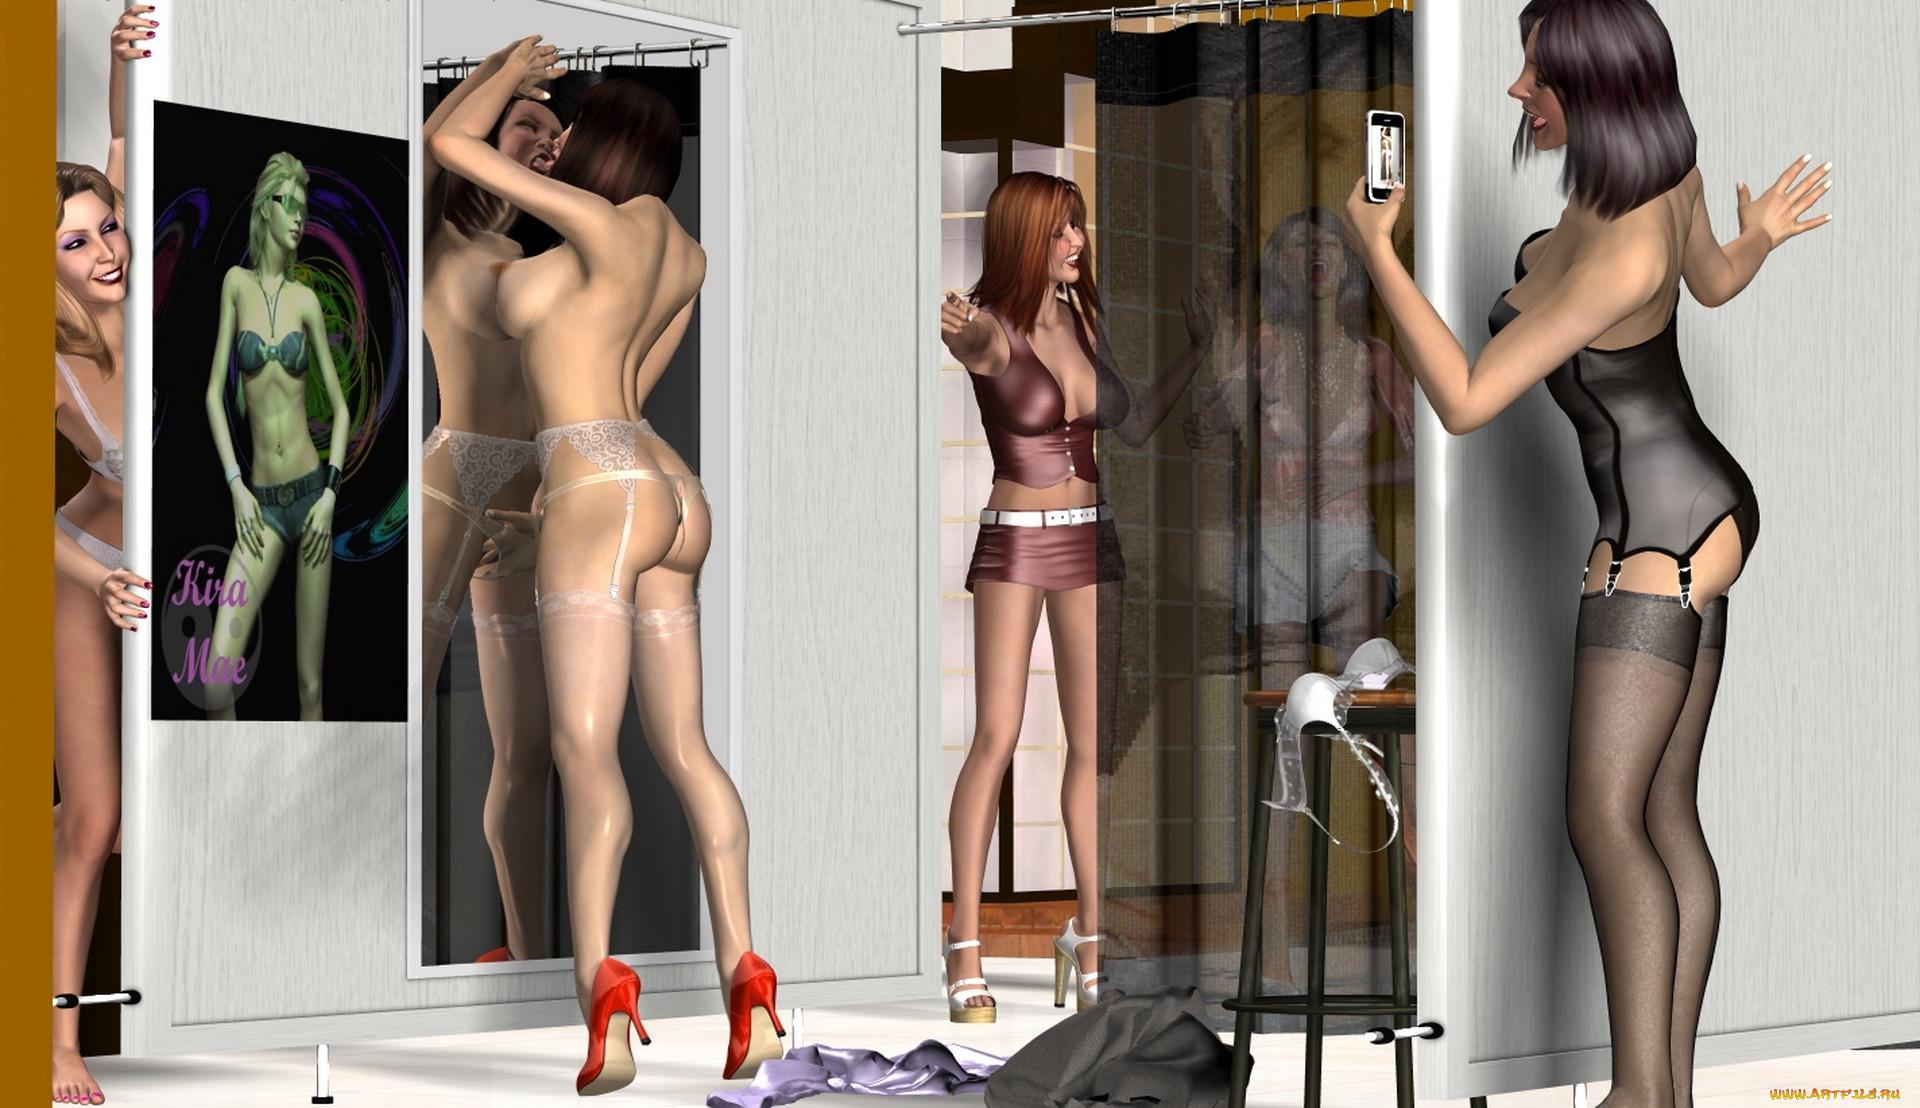 Эротика девушки в корсете, смотреть все порно с мейсон мур